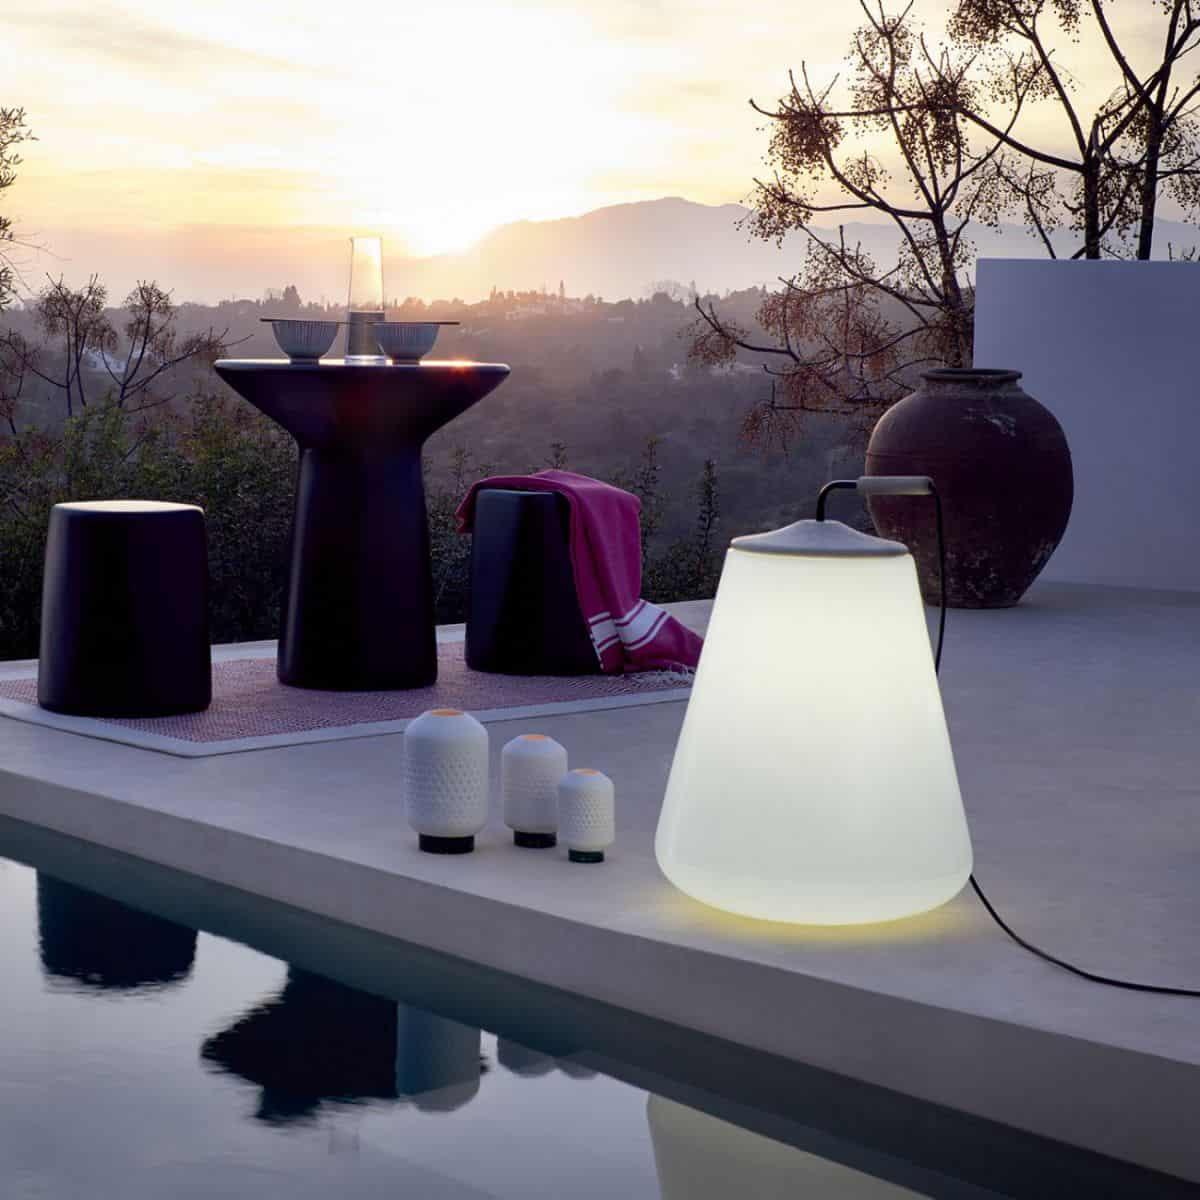 15 lampes pour éclairer votre jardin ou votre terrace cet été